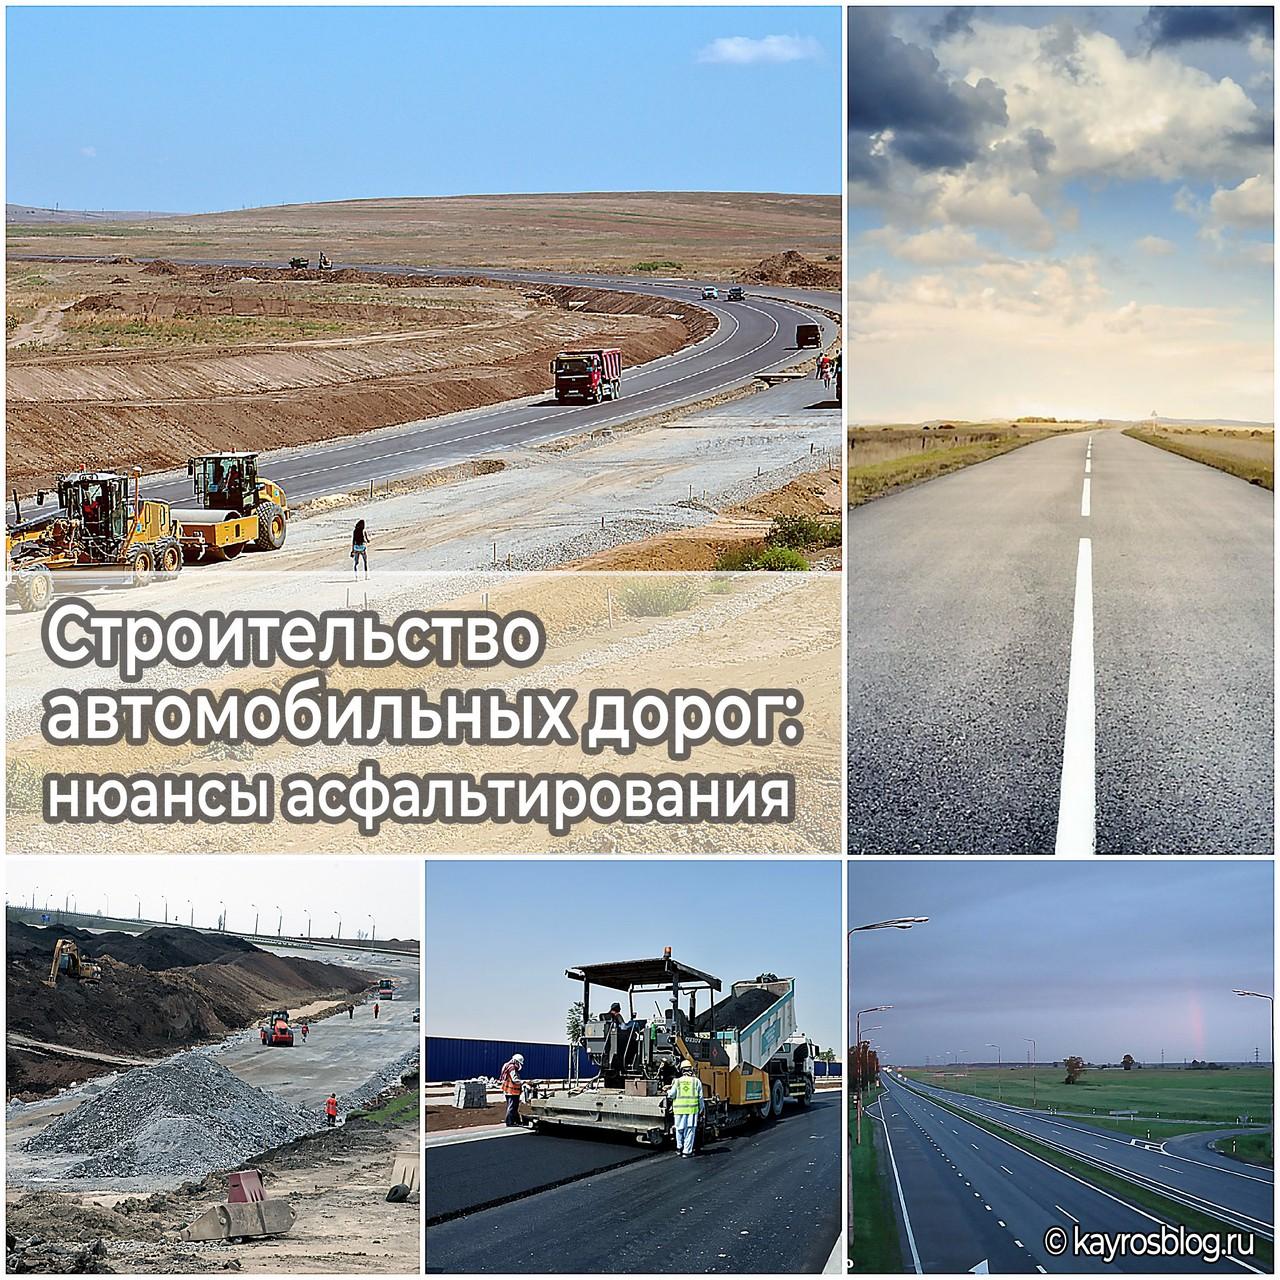 Строительство автомобильных дорог нюансы асфальтирования